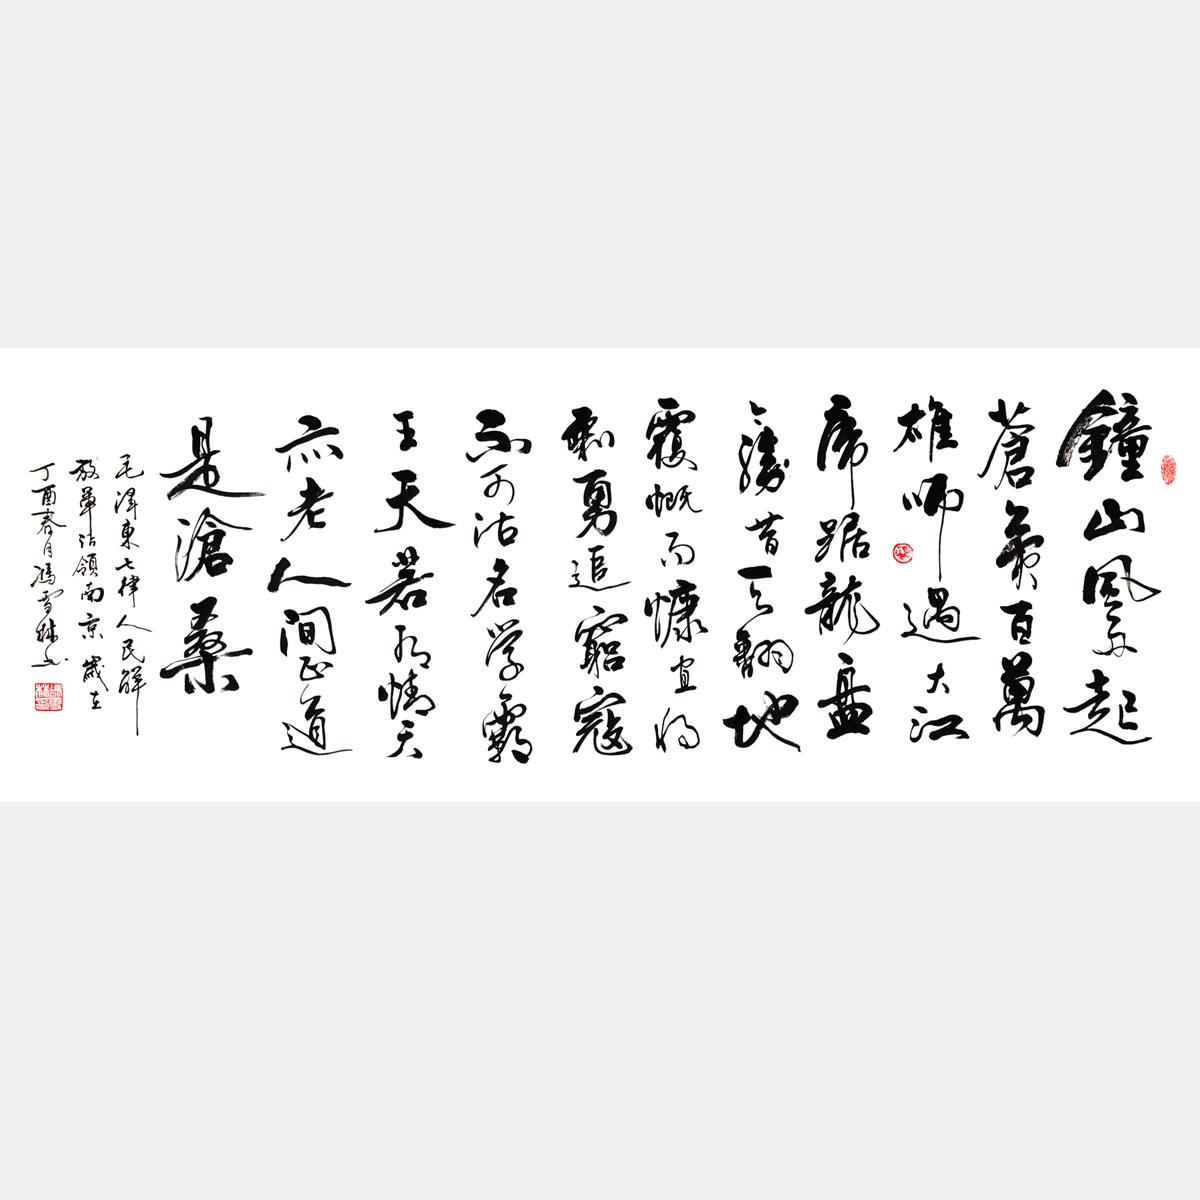 毛主席七律《人民解放军占领南京》行书